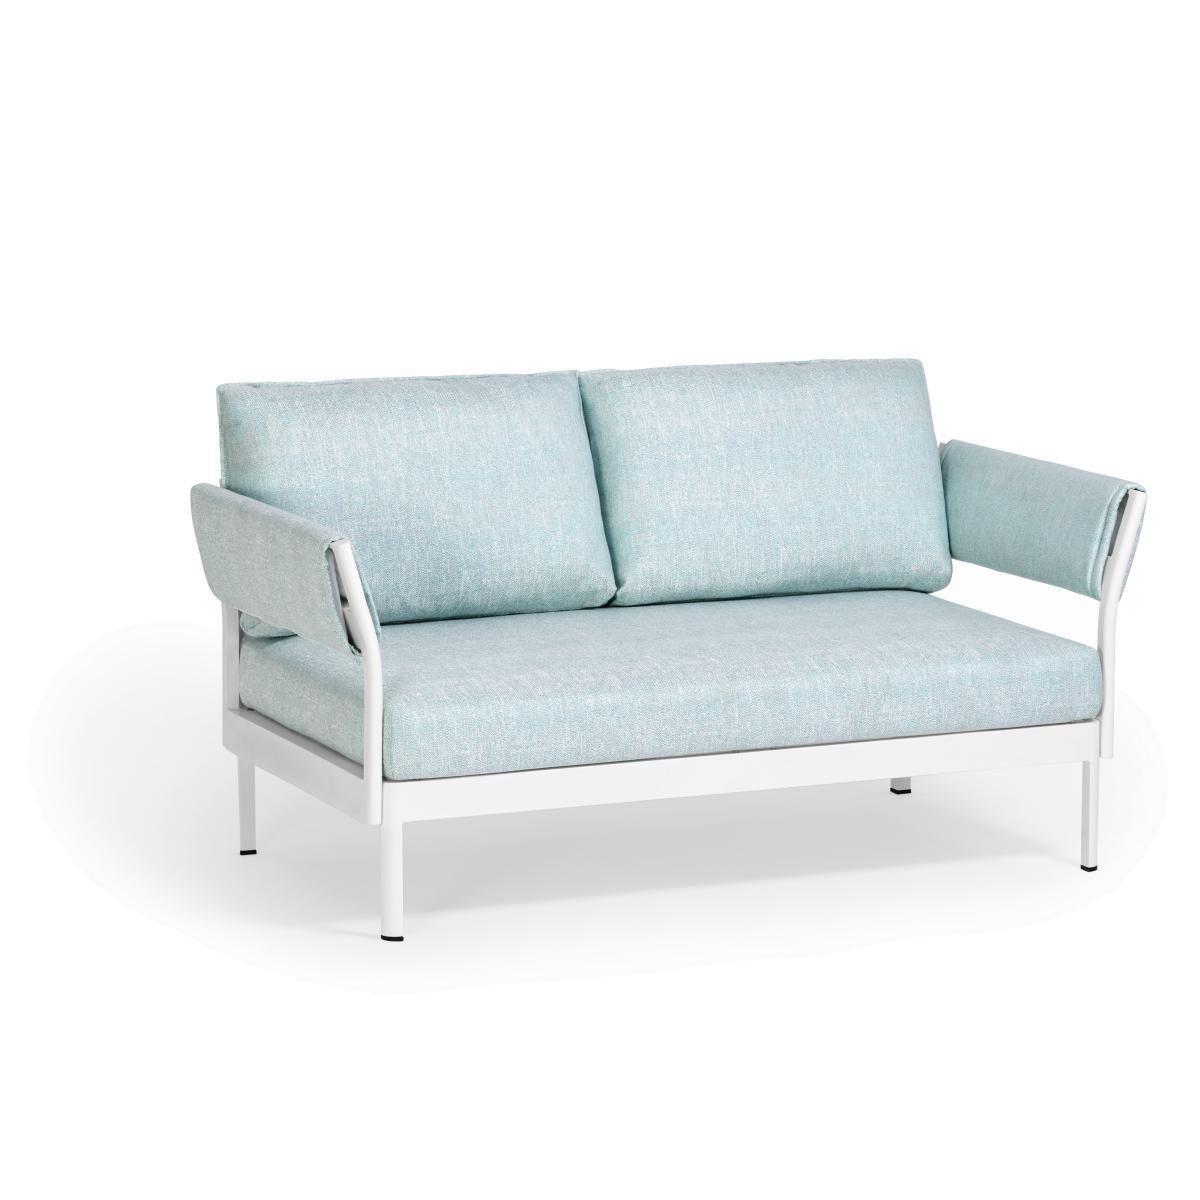 MINU Sofa 2-sitzig mit 2x Armlehne, Gestell und Bezug nach Wunsch